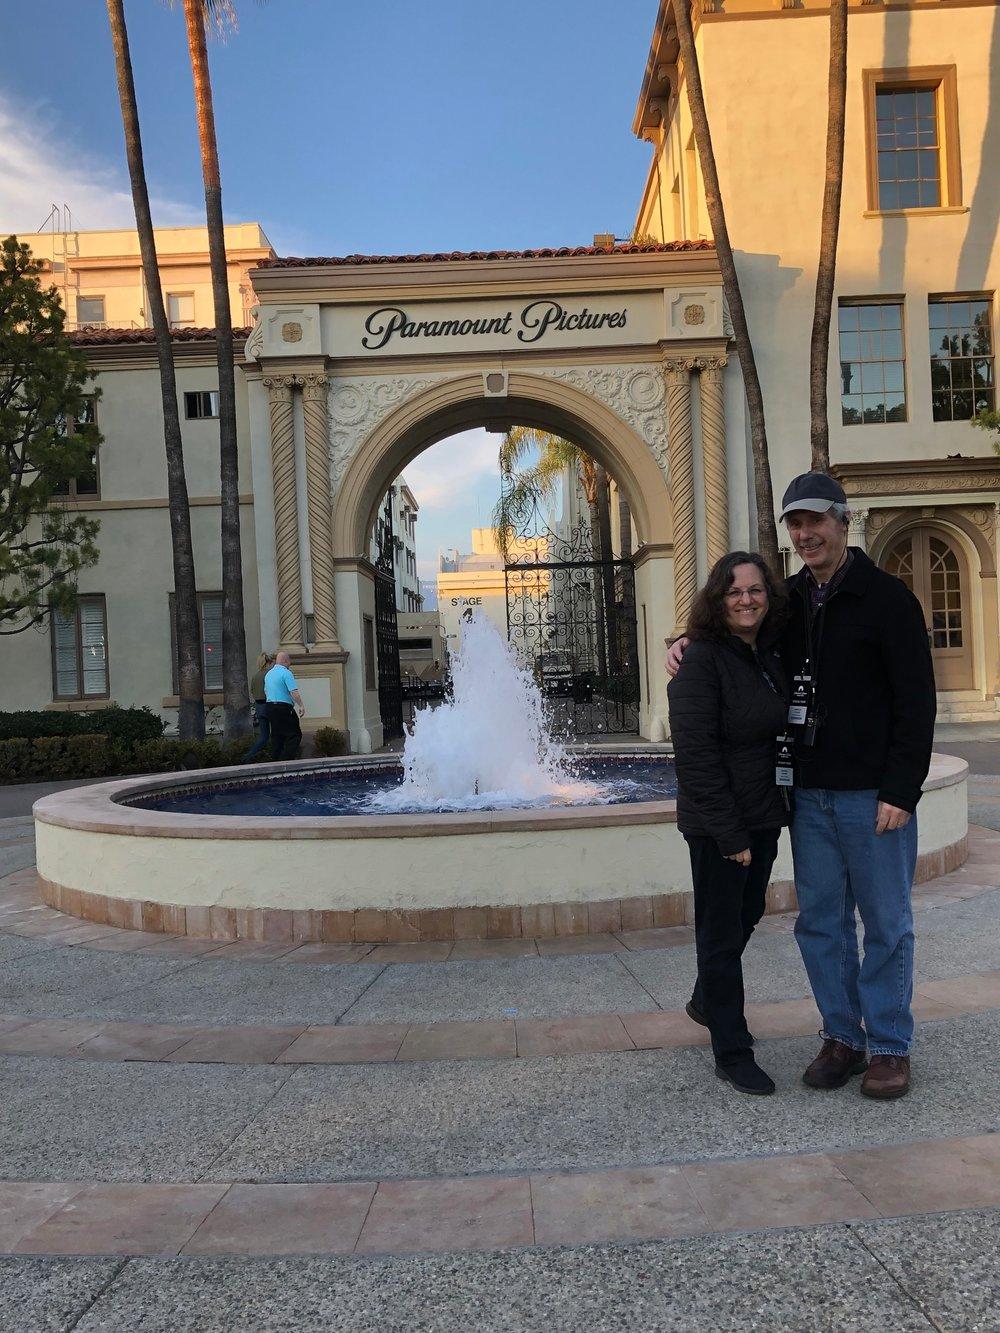 Sharon and Arnee Paramount Lot Hollywood, California January 9, 2019